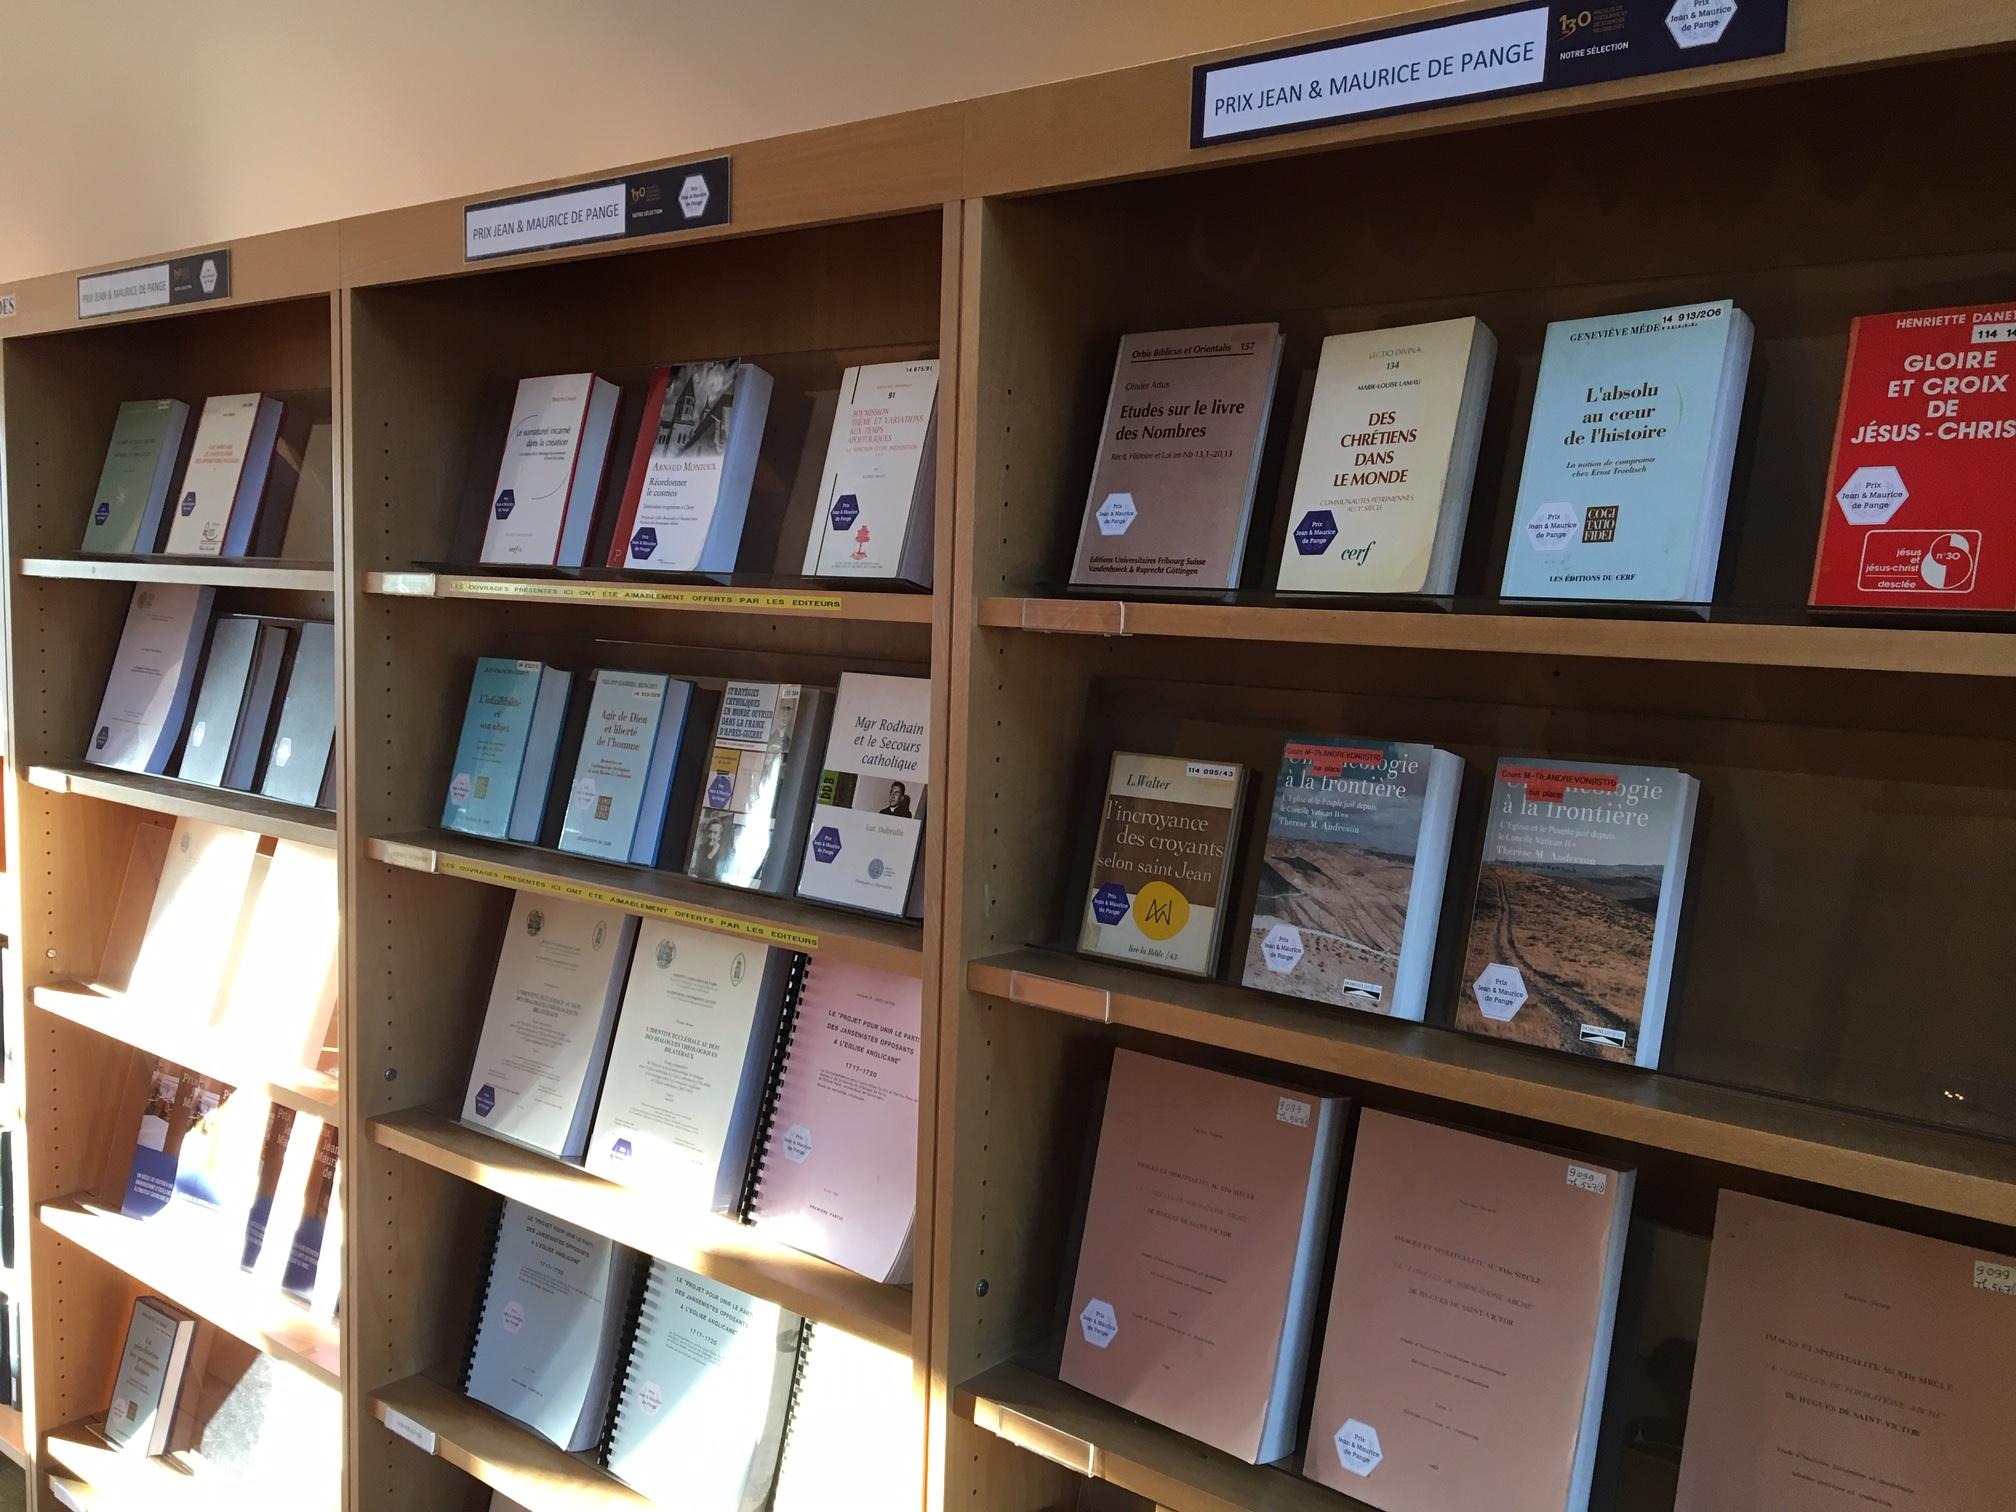 exposition prix de pange bibliothèques